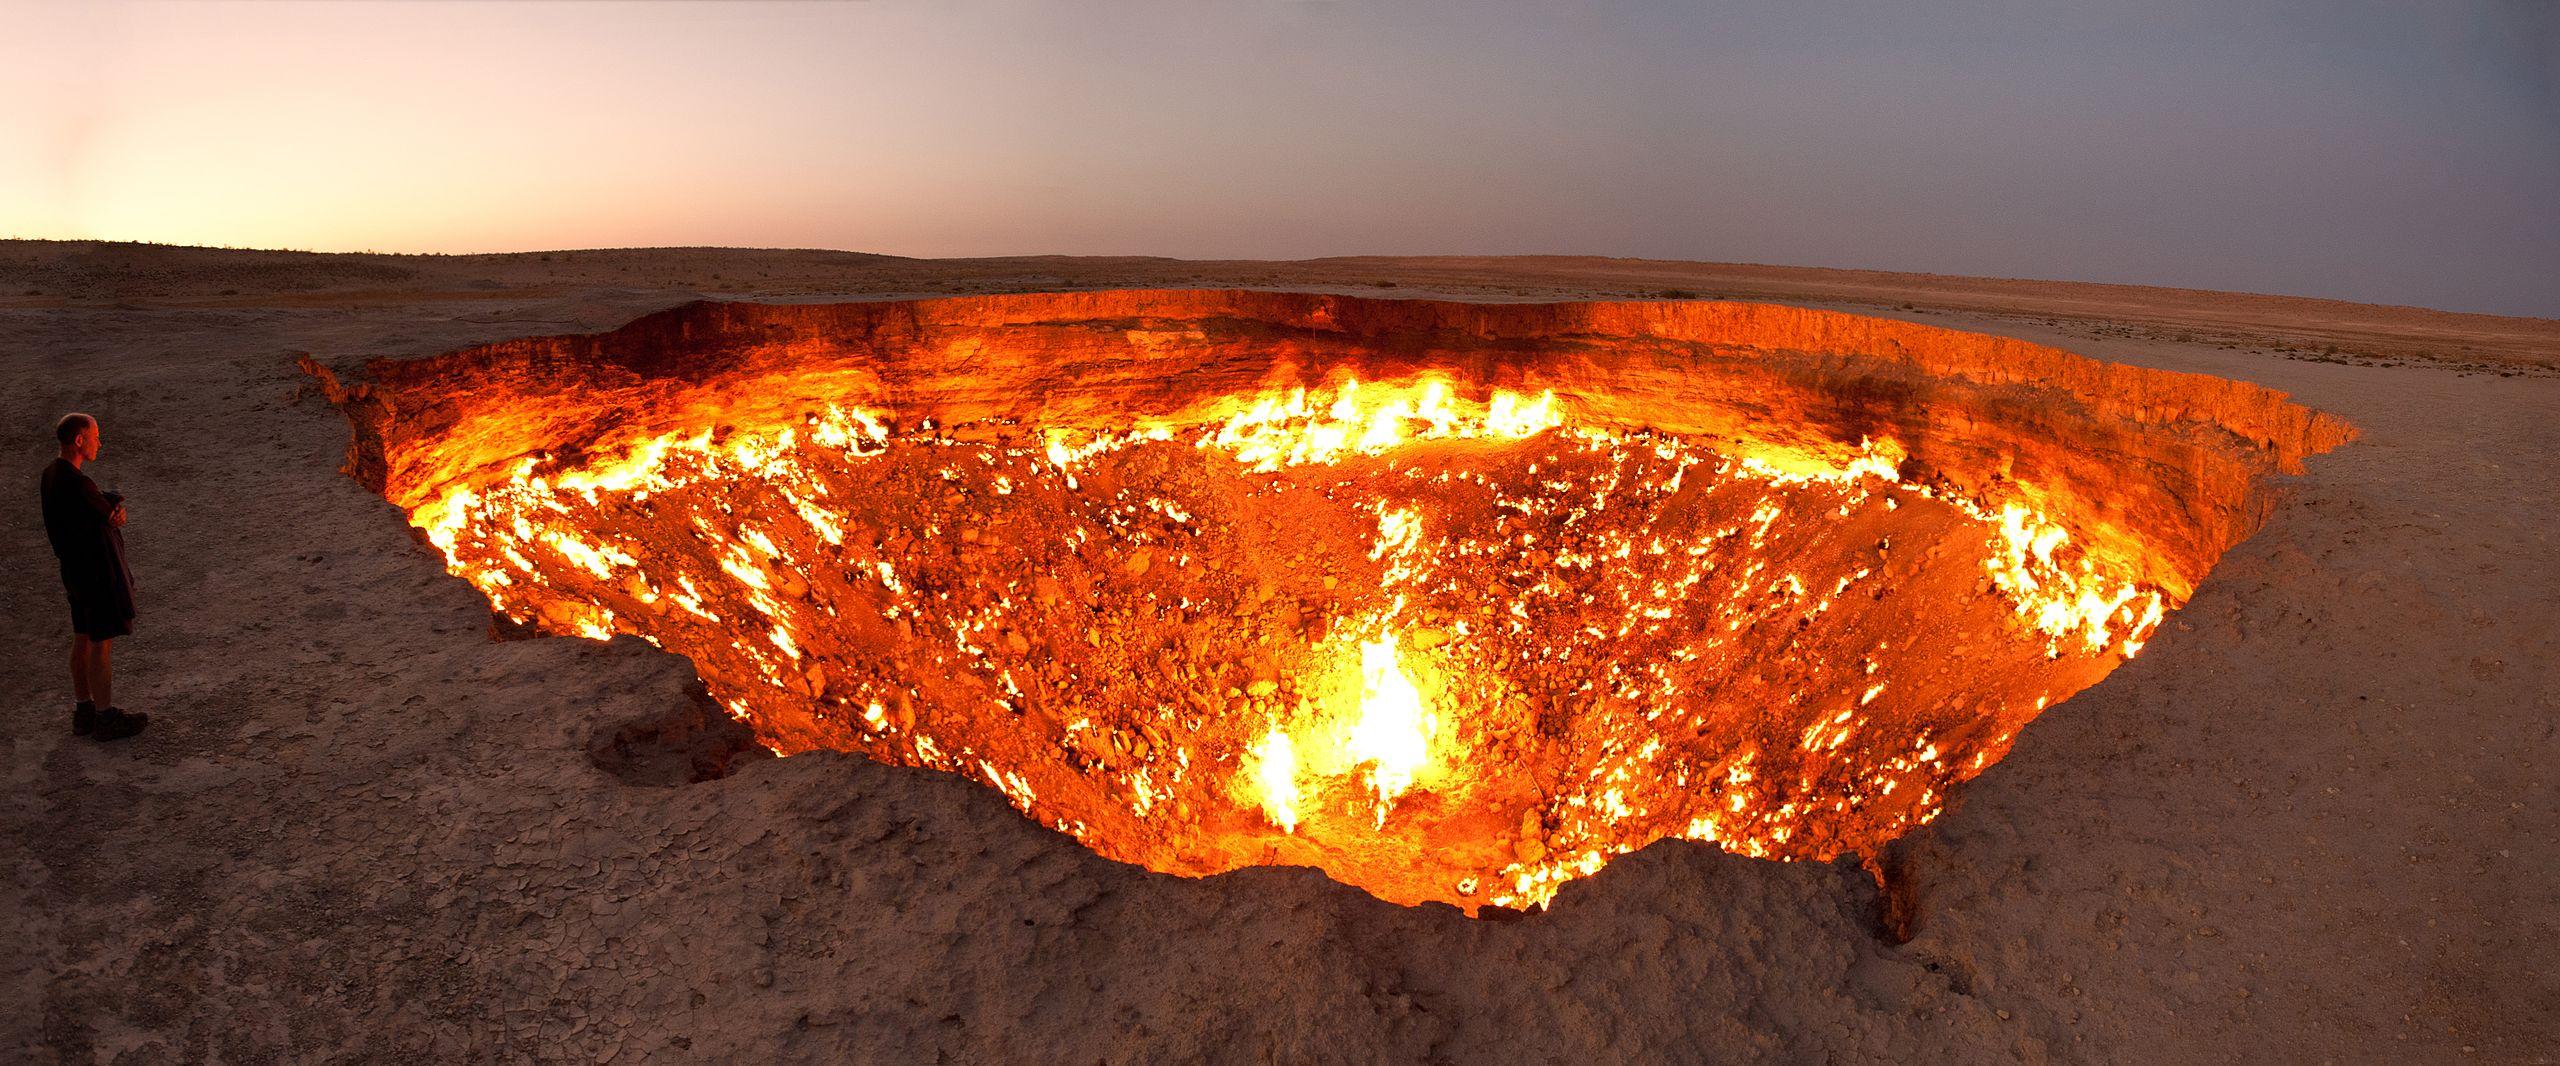 El intenso calor que emana del cráter solo permite aproximarse a sus bordes durante escasos minutos / Medios